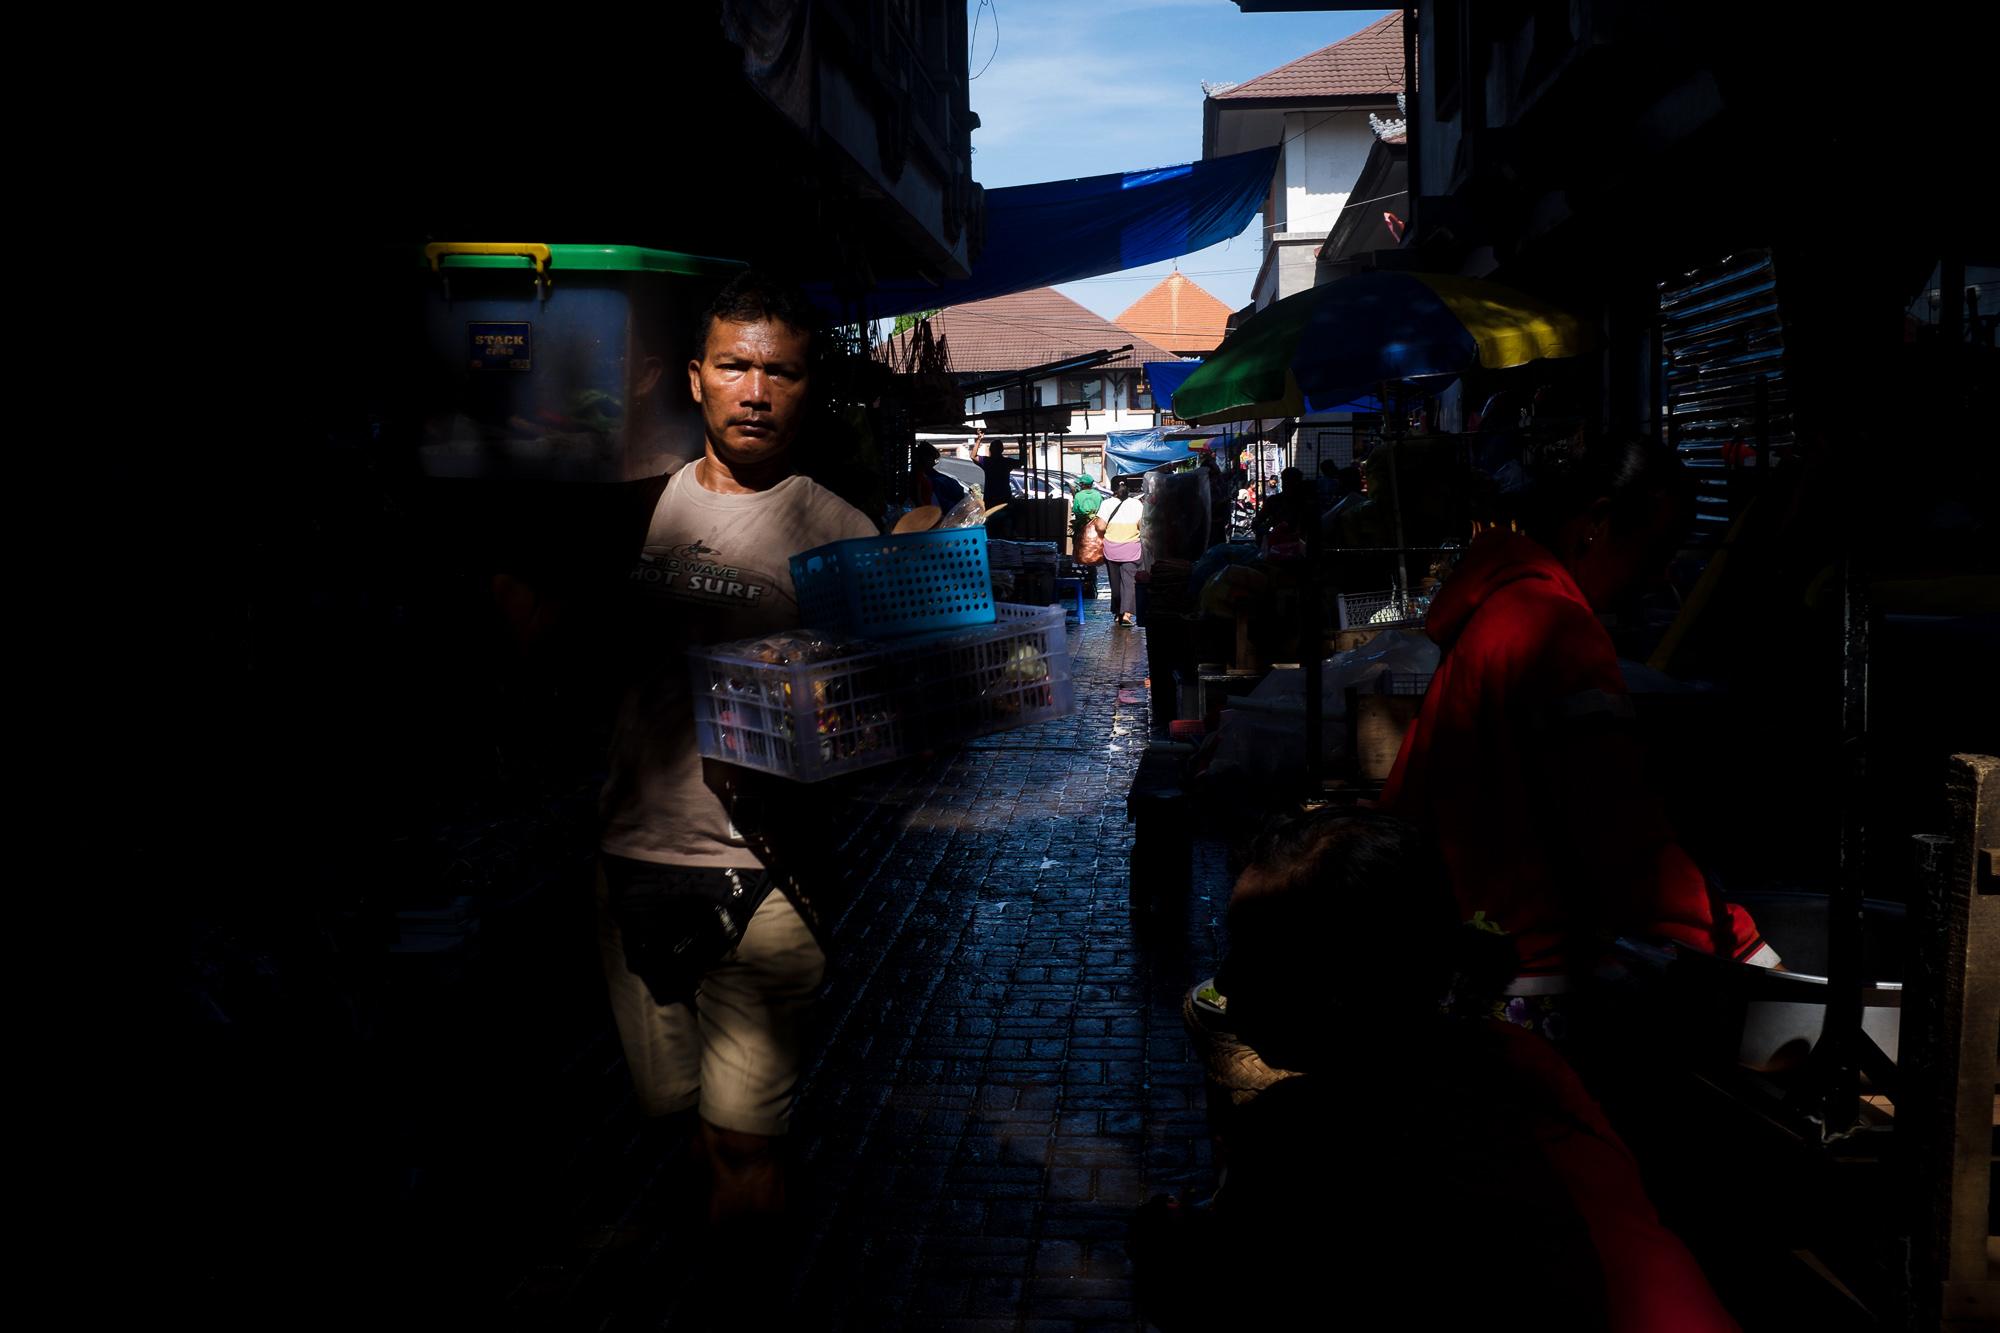 Transition time - Pasar Ubud - Bali Street Photographer Tours